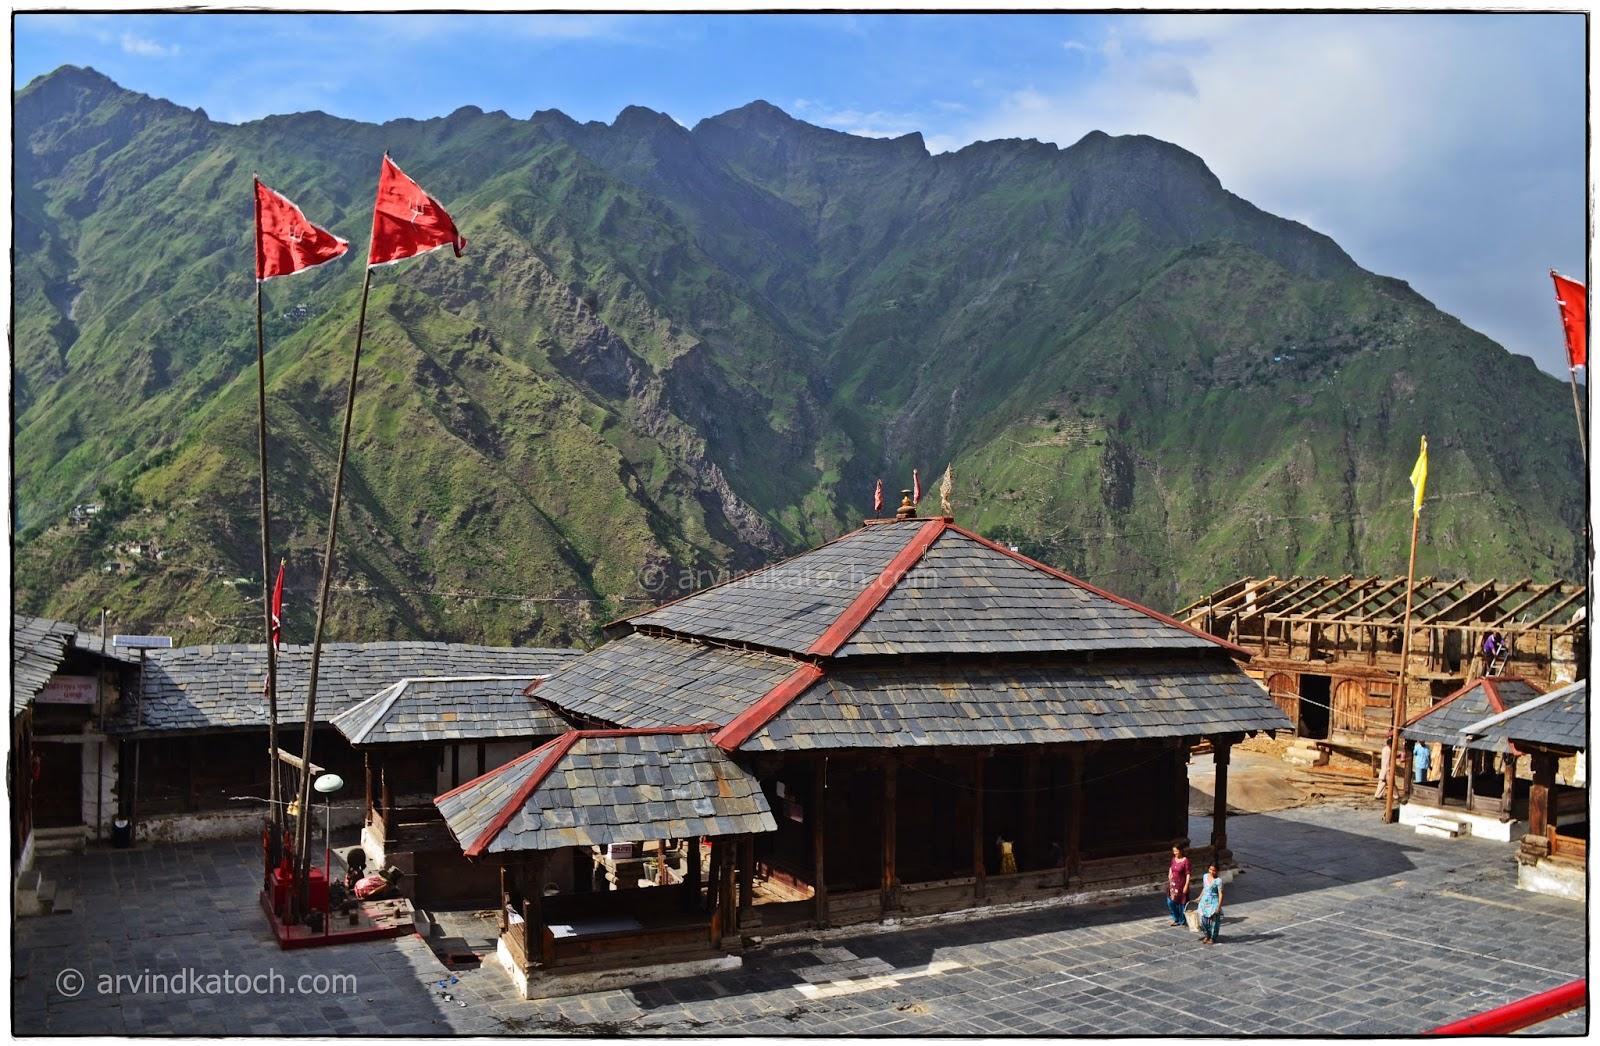 Shakti Devi Temple, Chhatrari, Chamba, wooden Temple